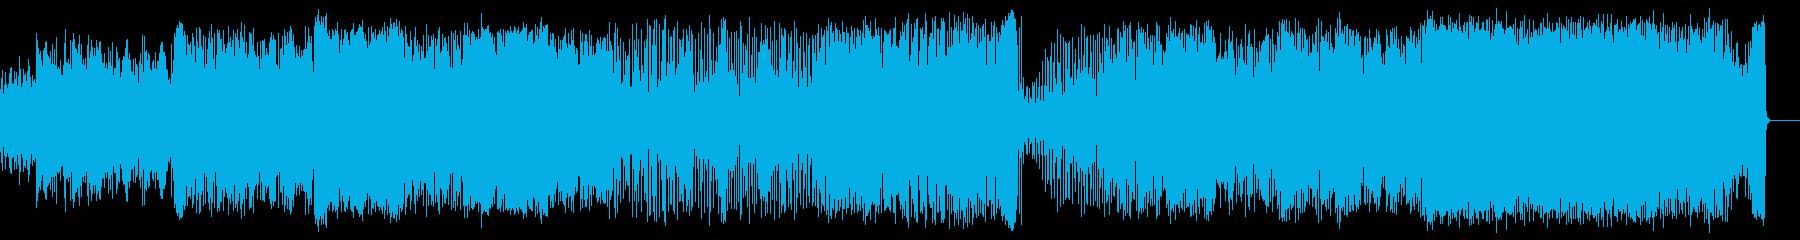 軽快な民族音楽調の再生済みの波形